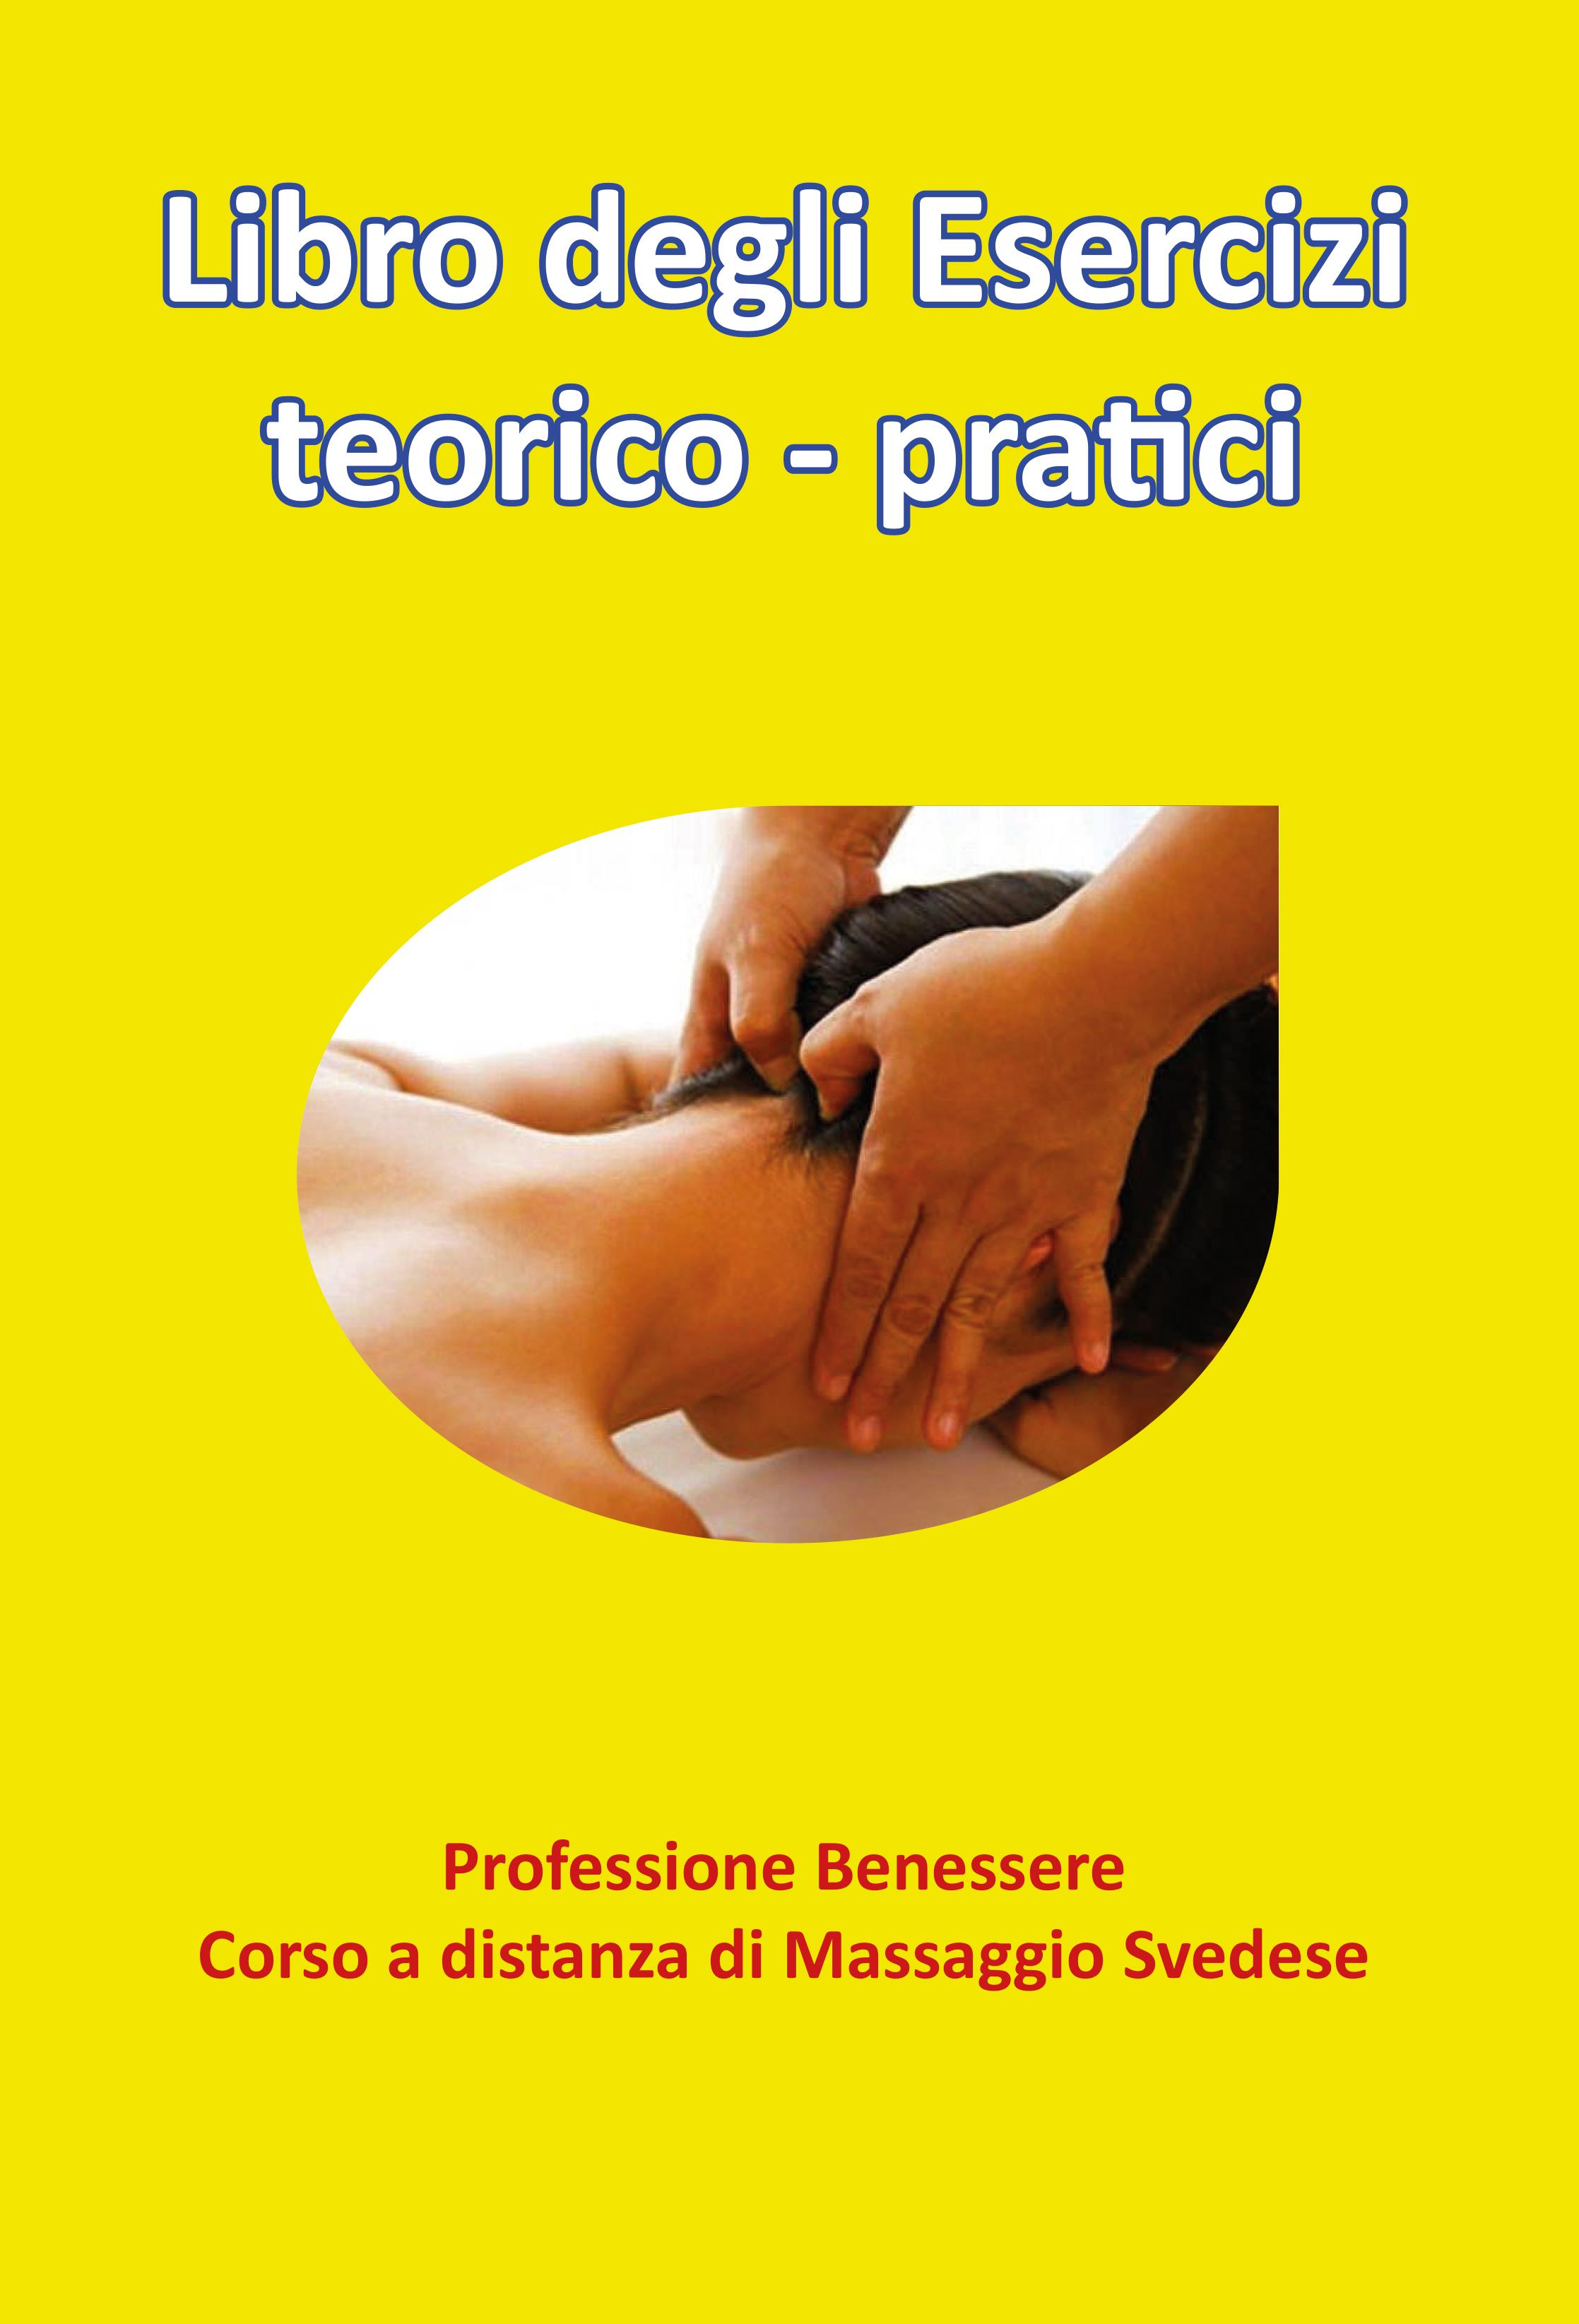 LIBRO DEGLI ESERCIZI - Professione Benessere - Corso a distanza di Massaggio Svedese